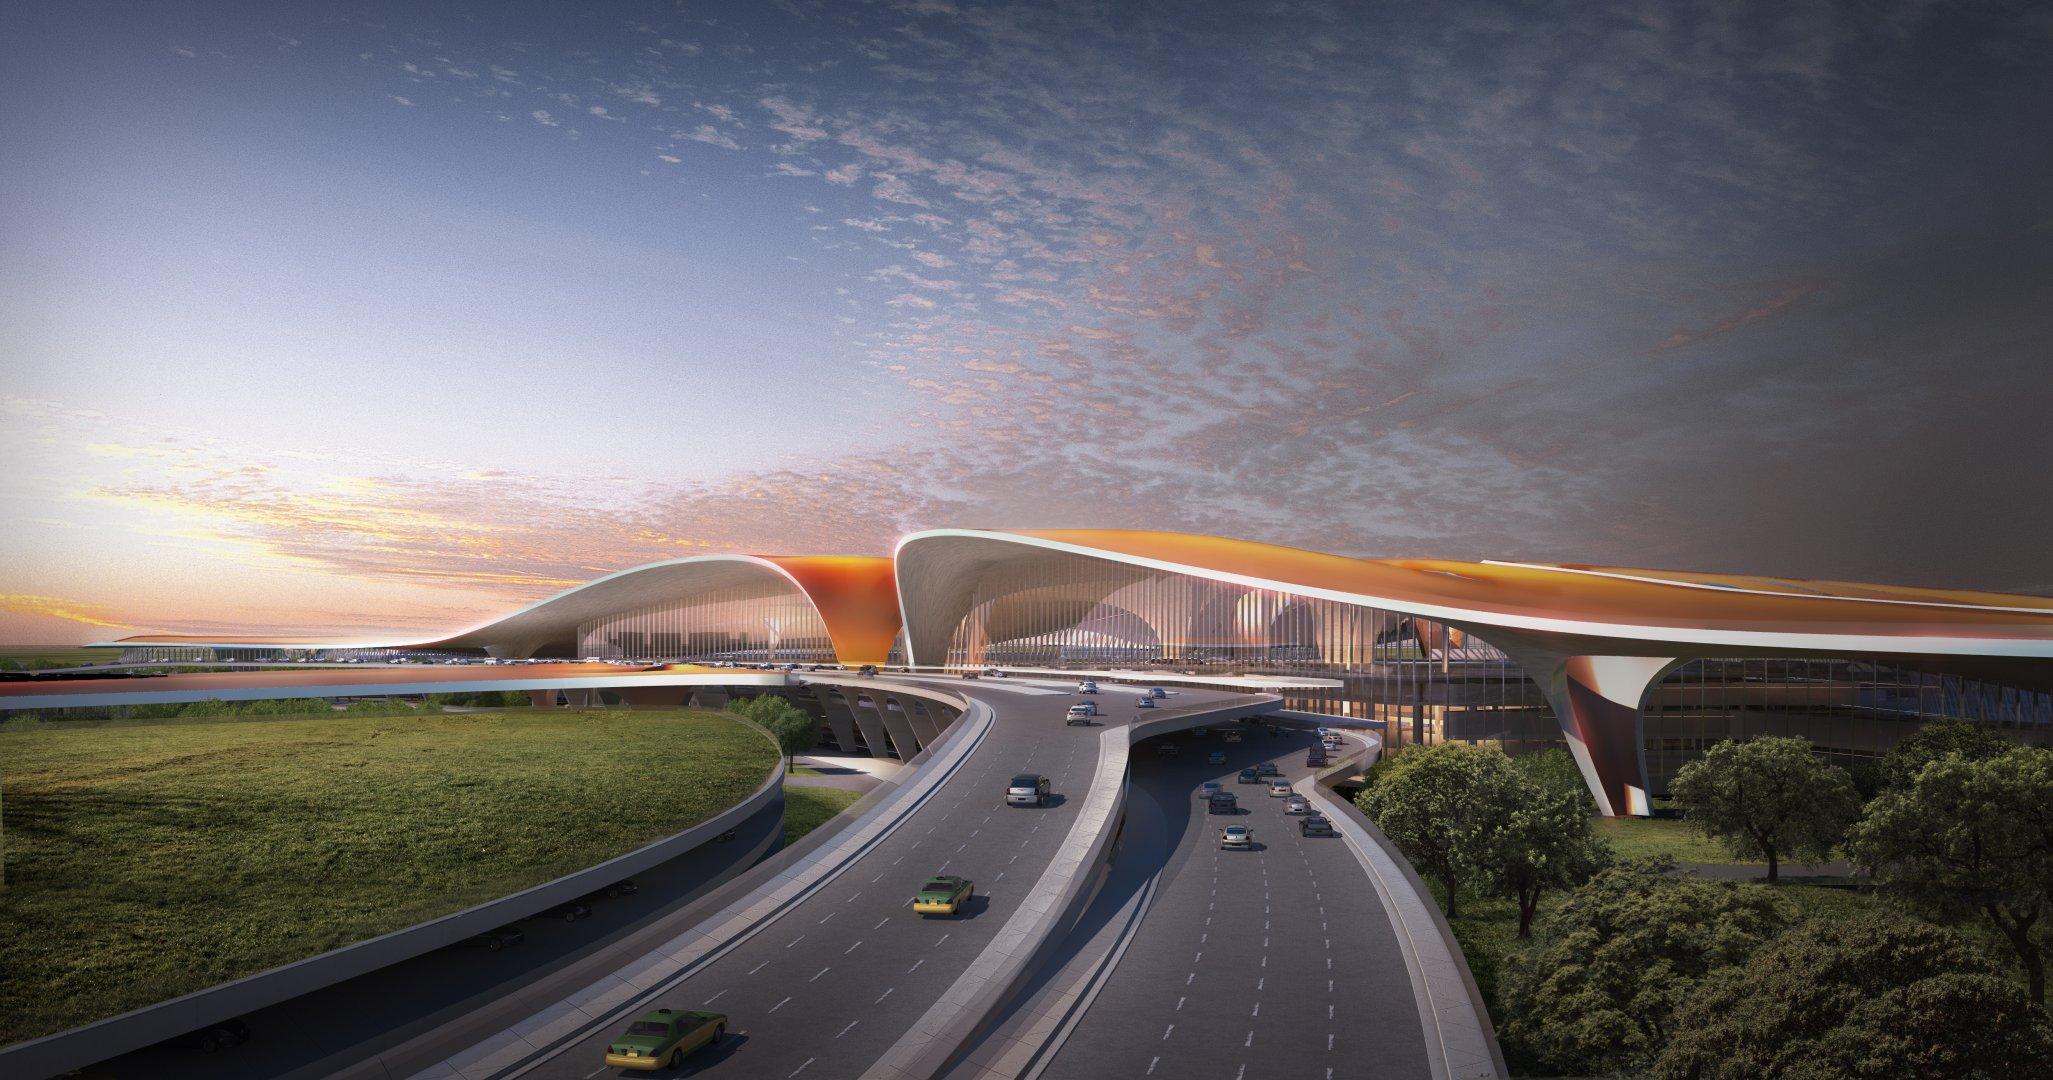 Картинки по запросу В 2019 году начнут работу 5 новых аэропортов